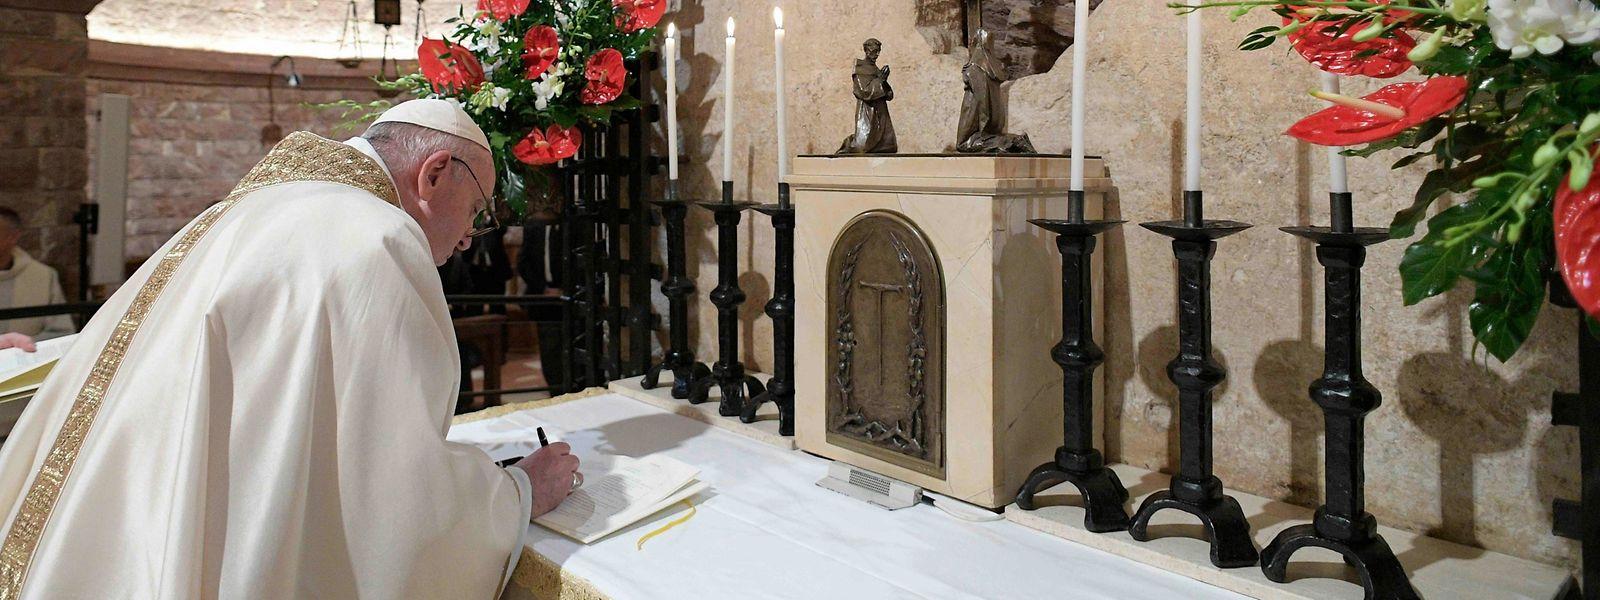 """Am Grab des heiligen Franz von Assisi hat Papst Franziskus am Samstag seine neue Enzyklika """"Fratelli tutti"""" unterzeichnet. Sie wurde gestern in Rom der Weltöffentlichkeit vorgestellt."""